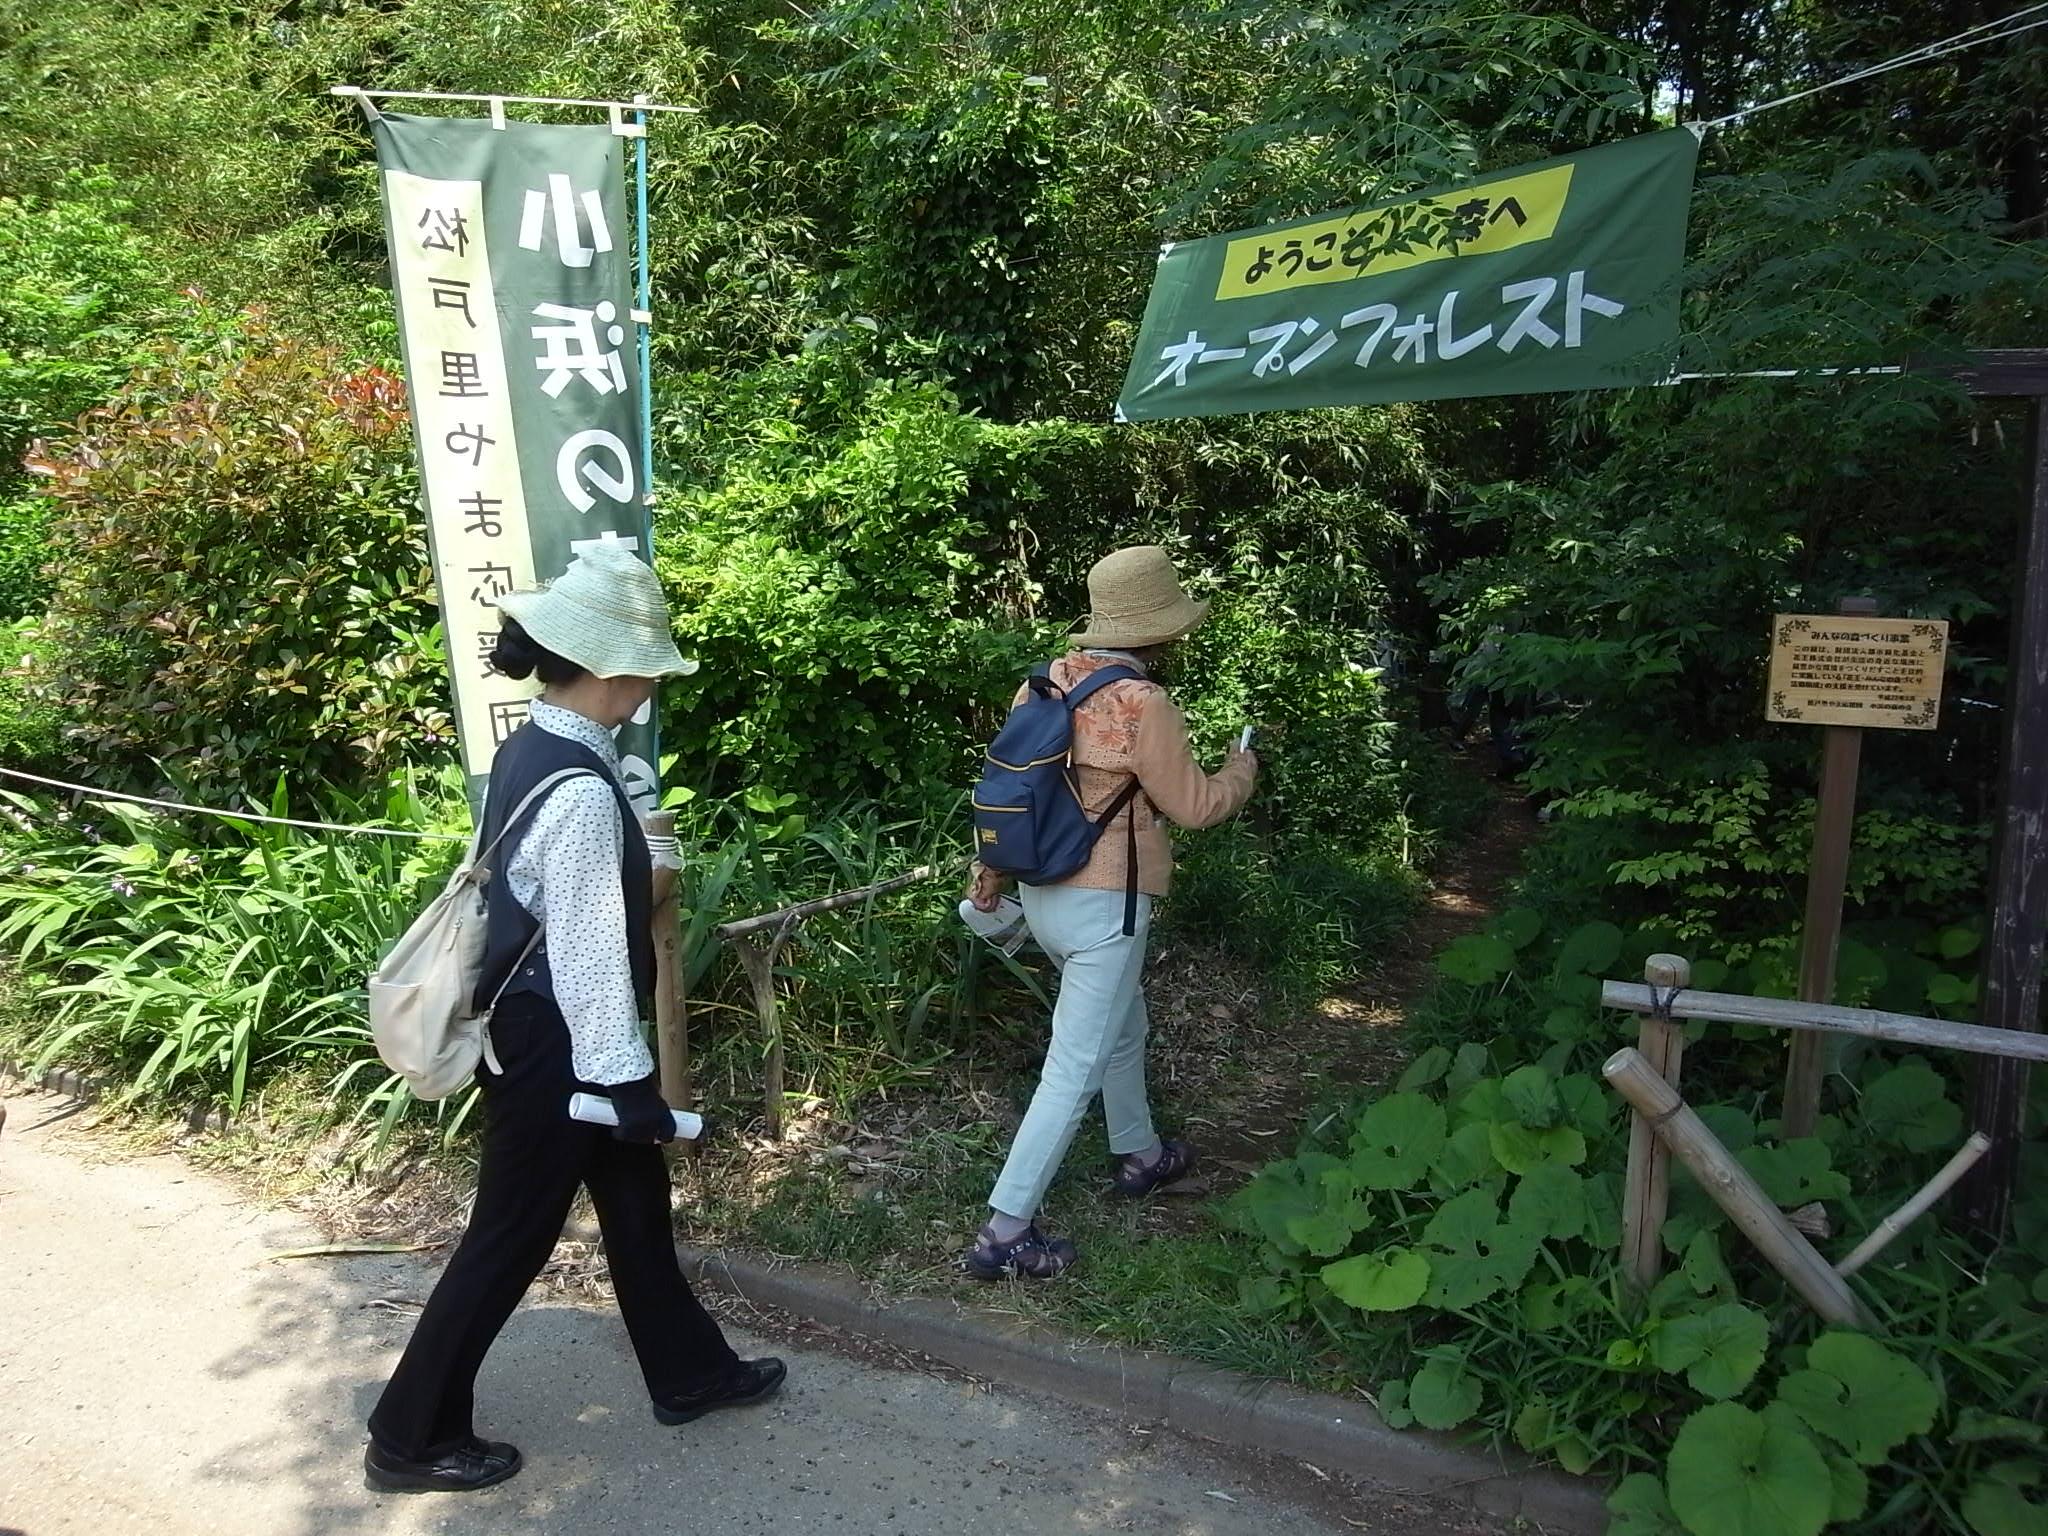 オープンフォレスト・森の入口